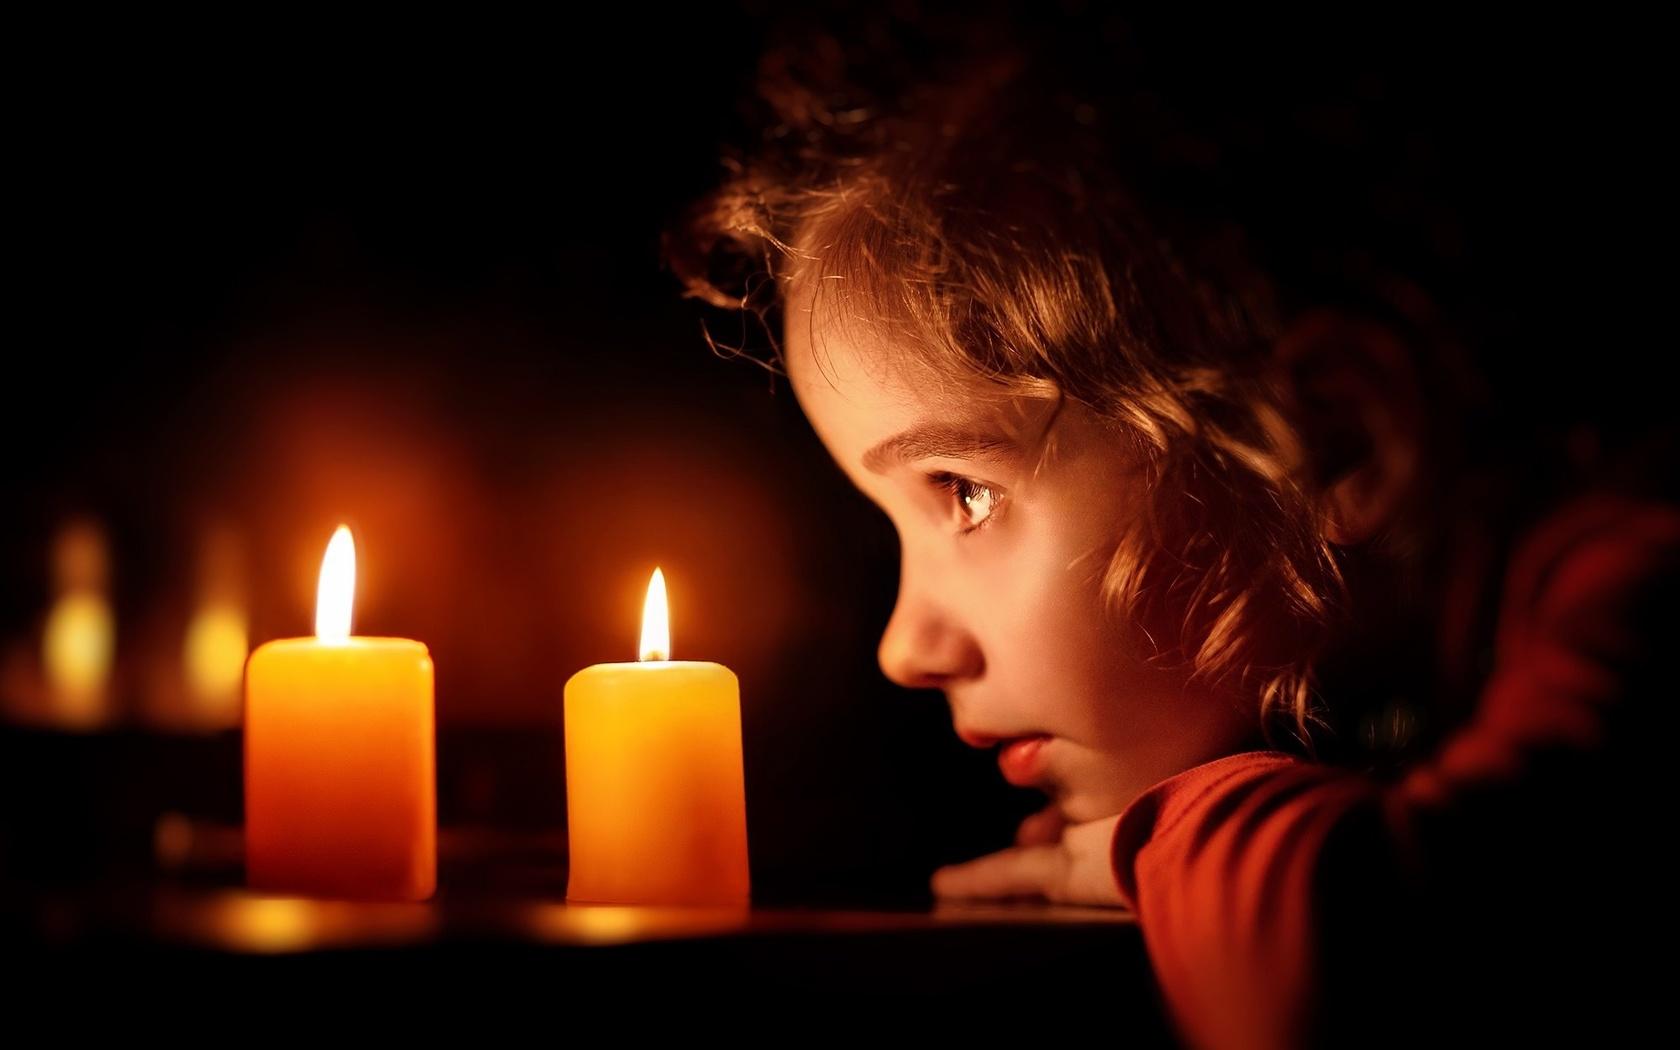 комната, ночь, стол, свечи, горят, девочка, смотрит, грусть